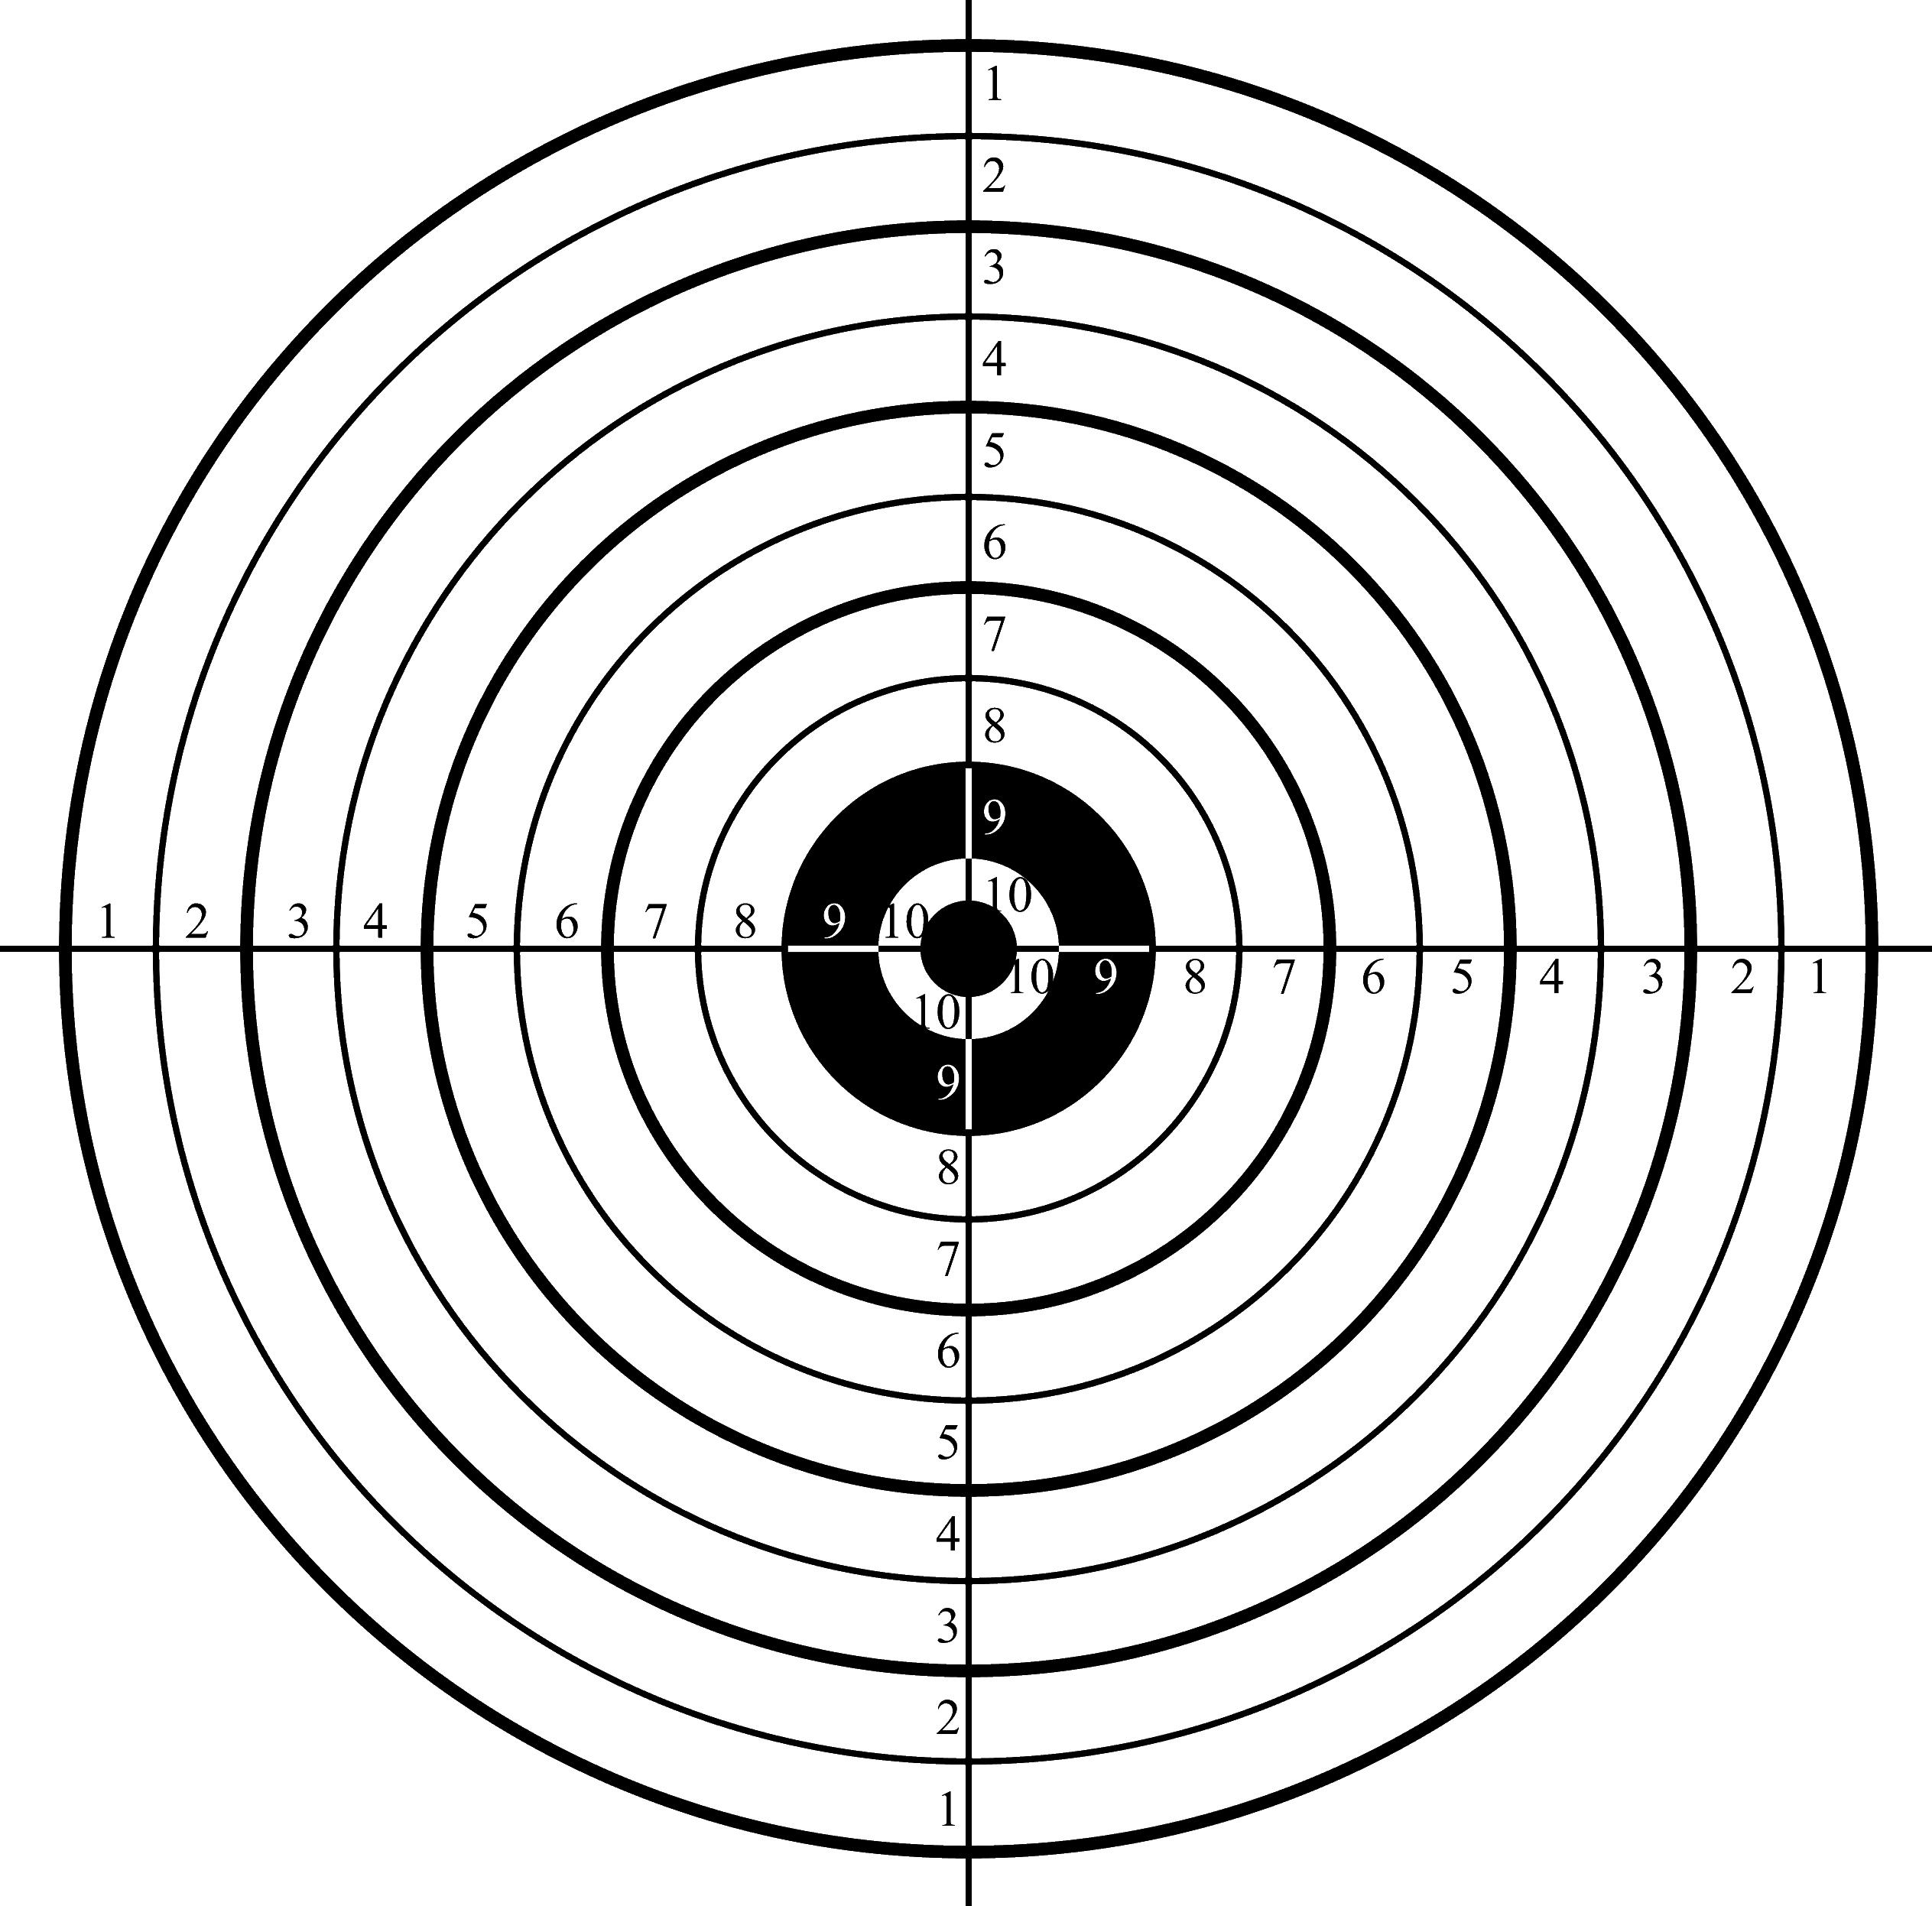 Printable Shooting Targets Pdf - Free Printable Targets